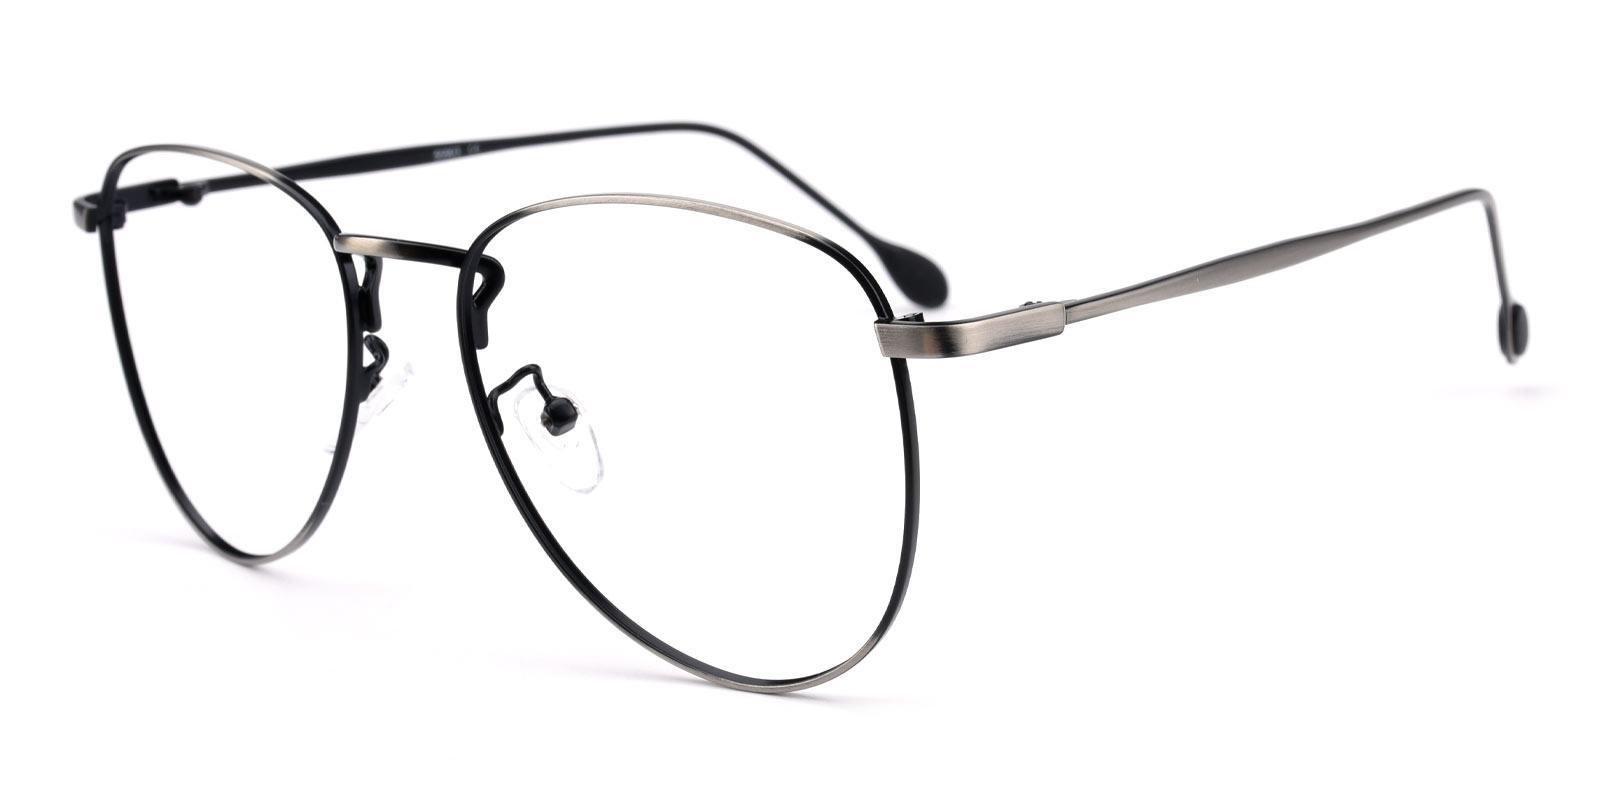 Bernice-Gun-Aviator-Metal-Eyeglasses-additional1